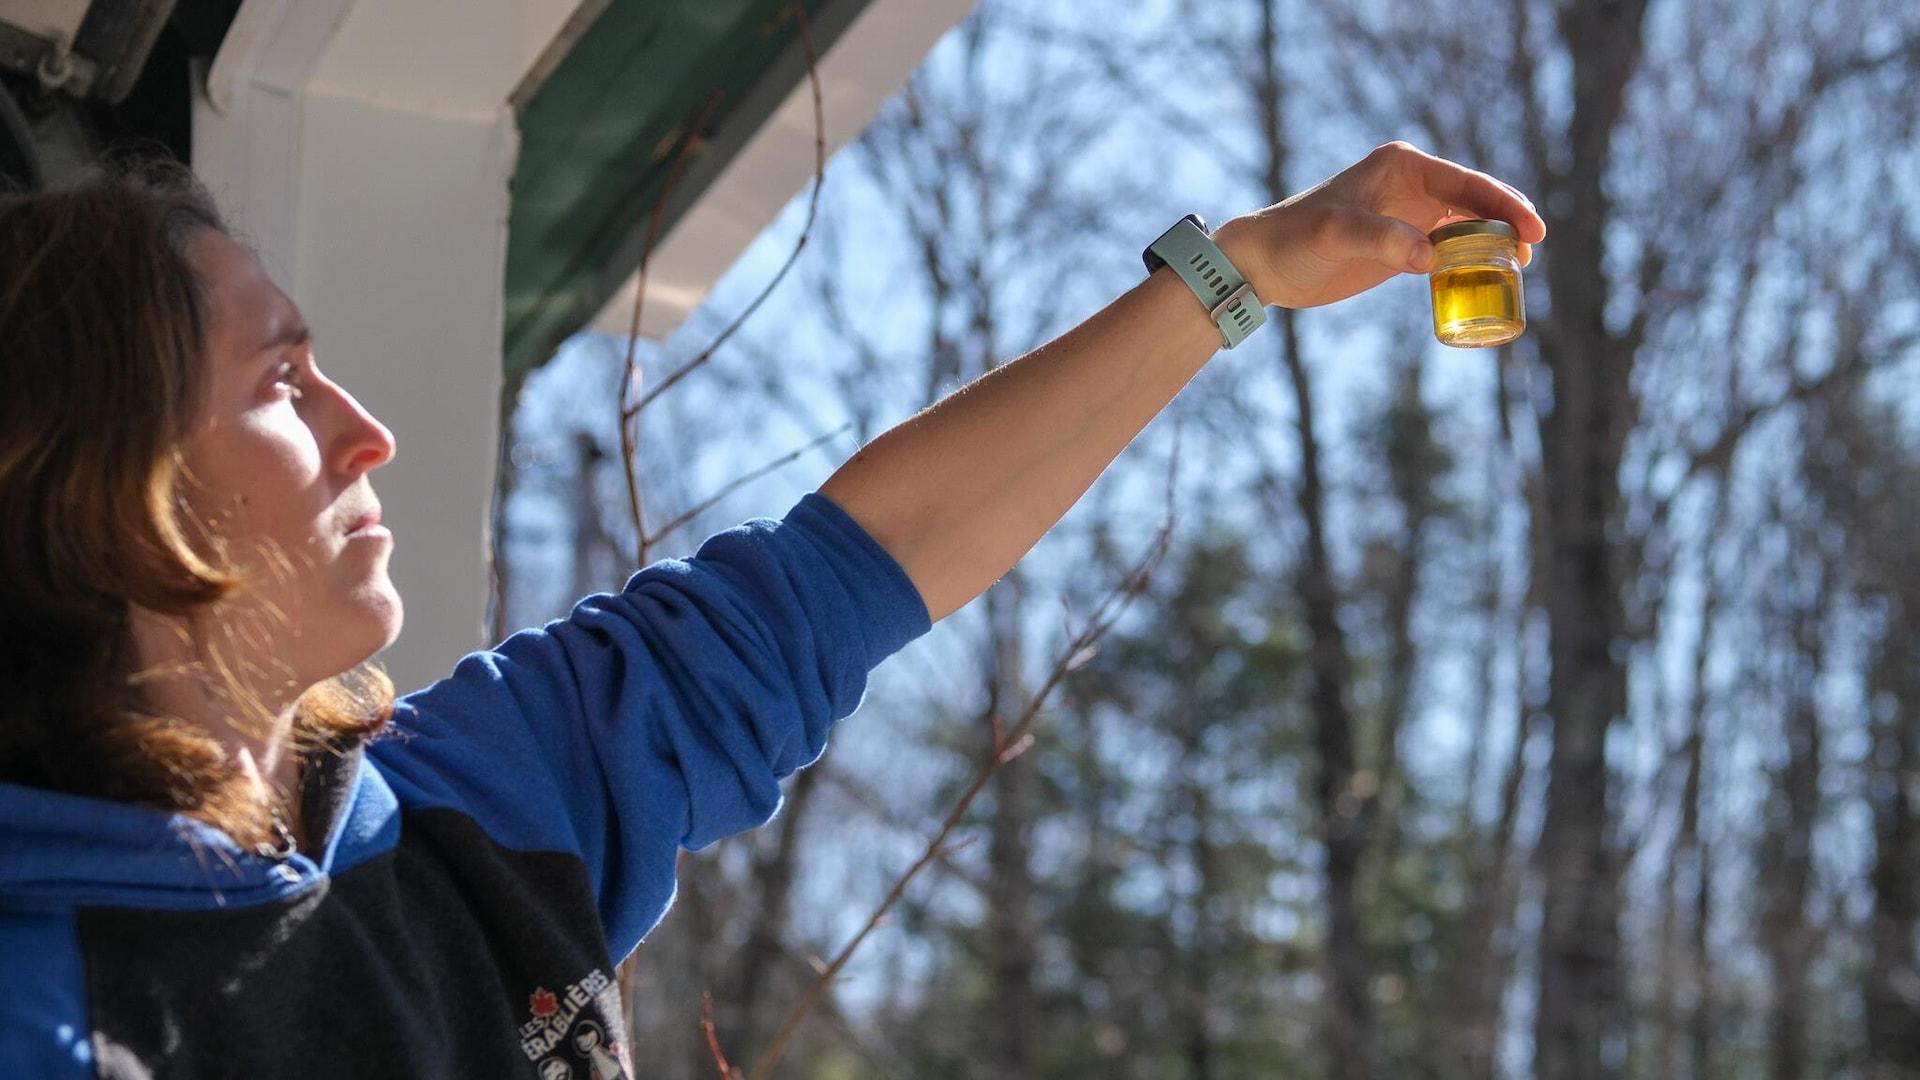 Une femme tient un pot transparent dans lequel il y a du sirop d'érable.